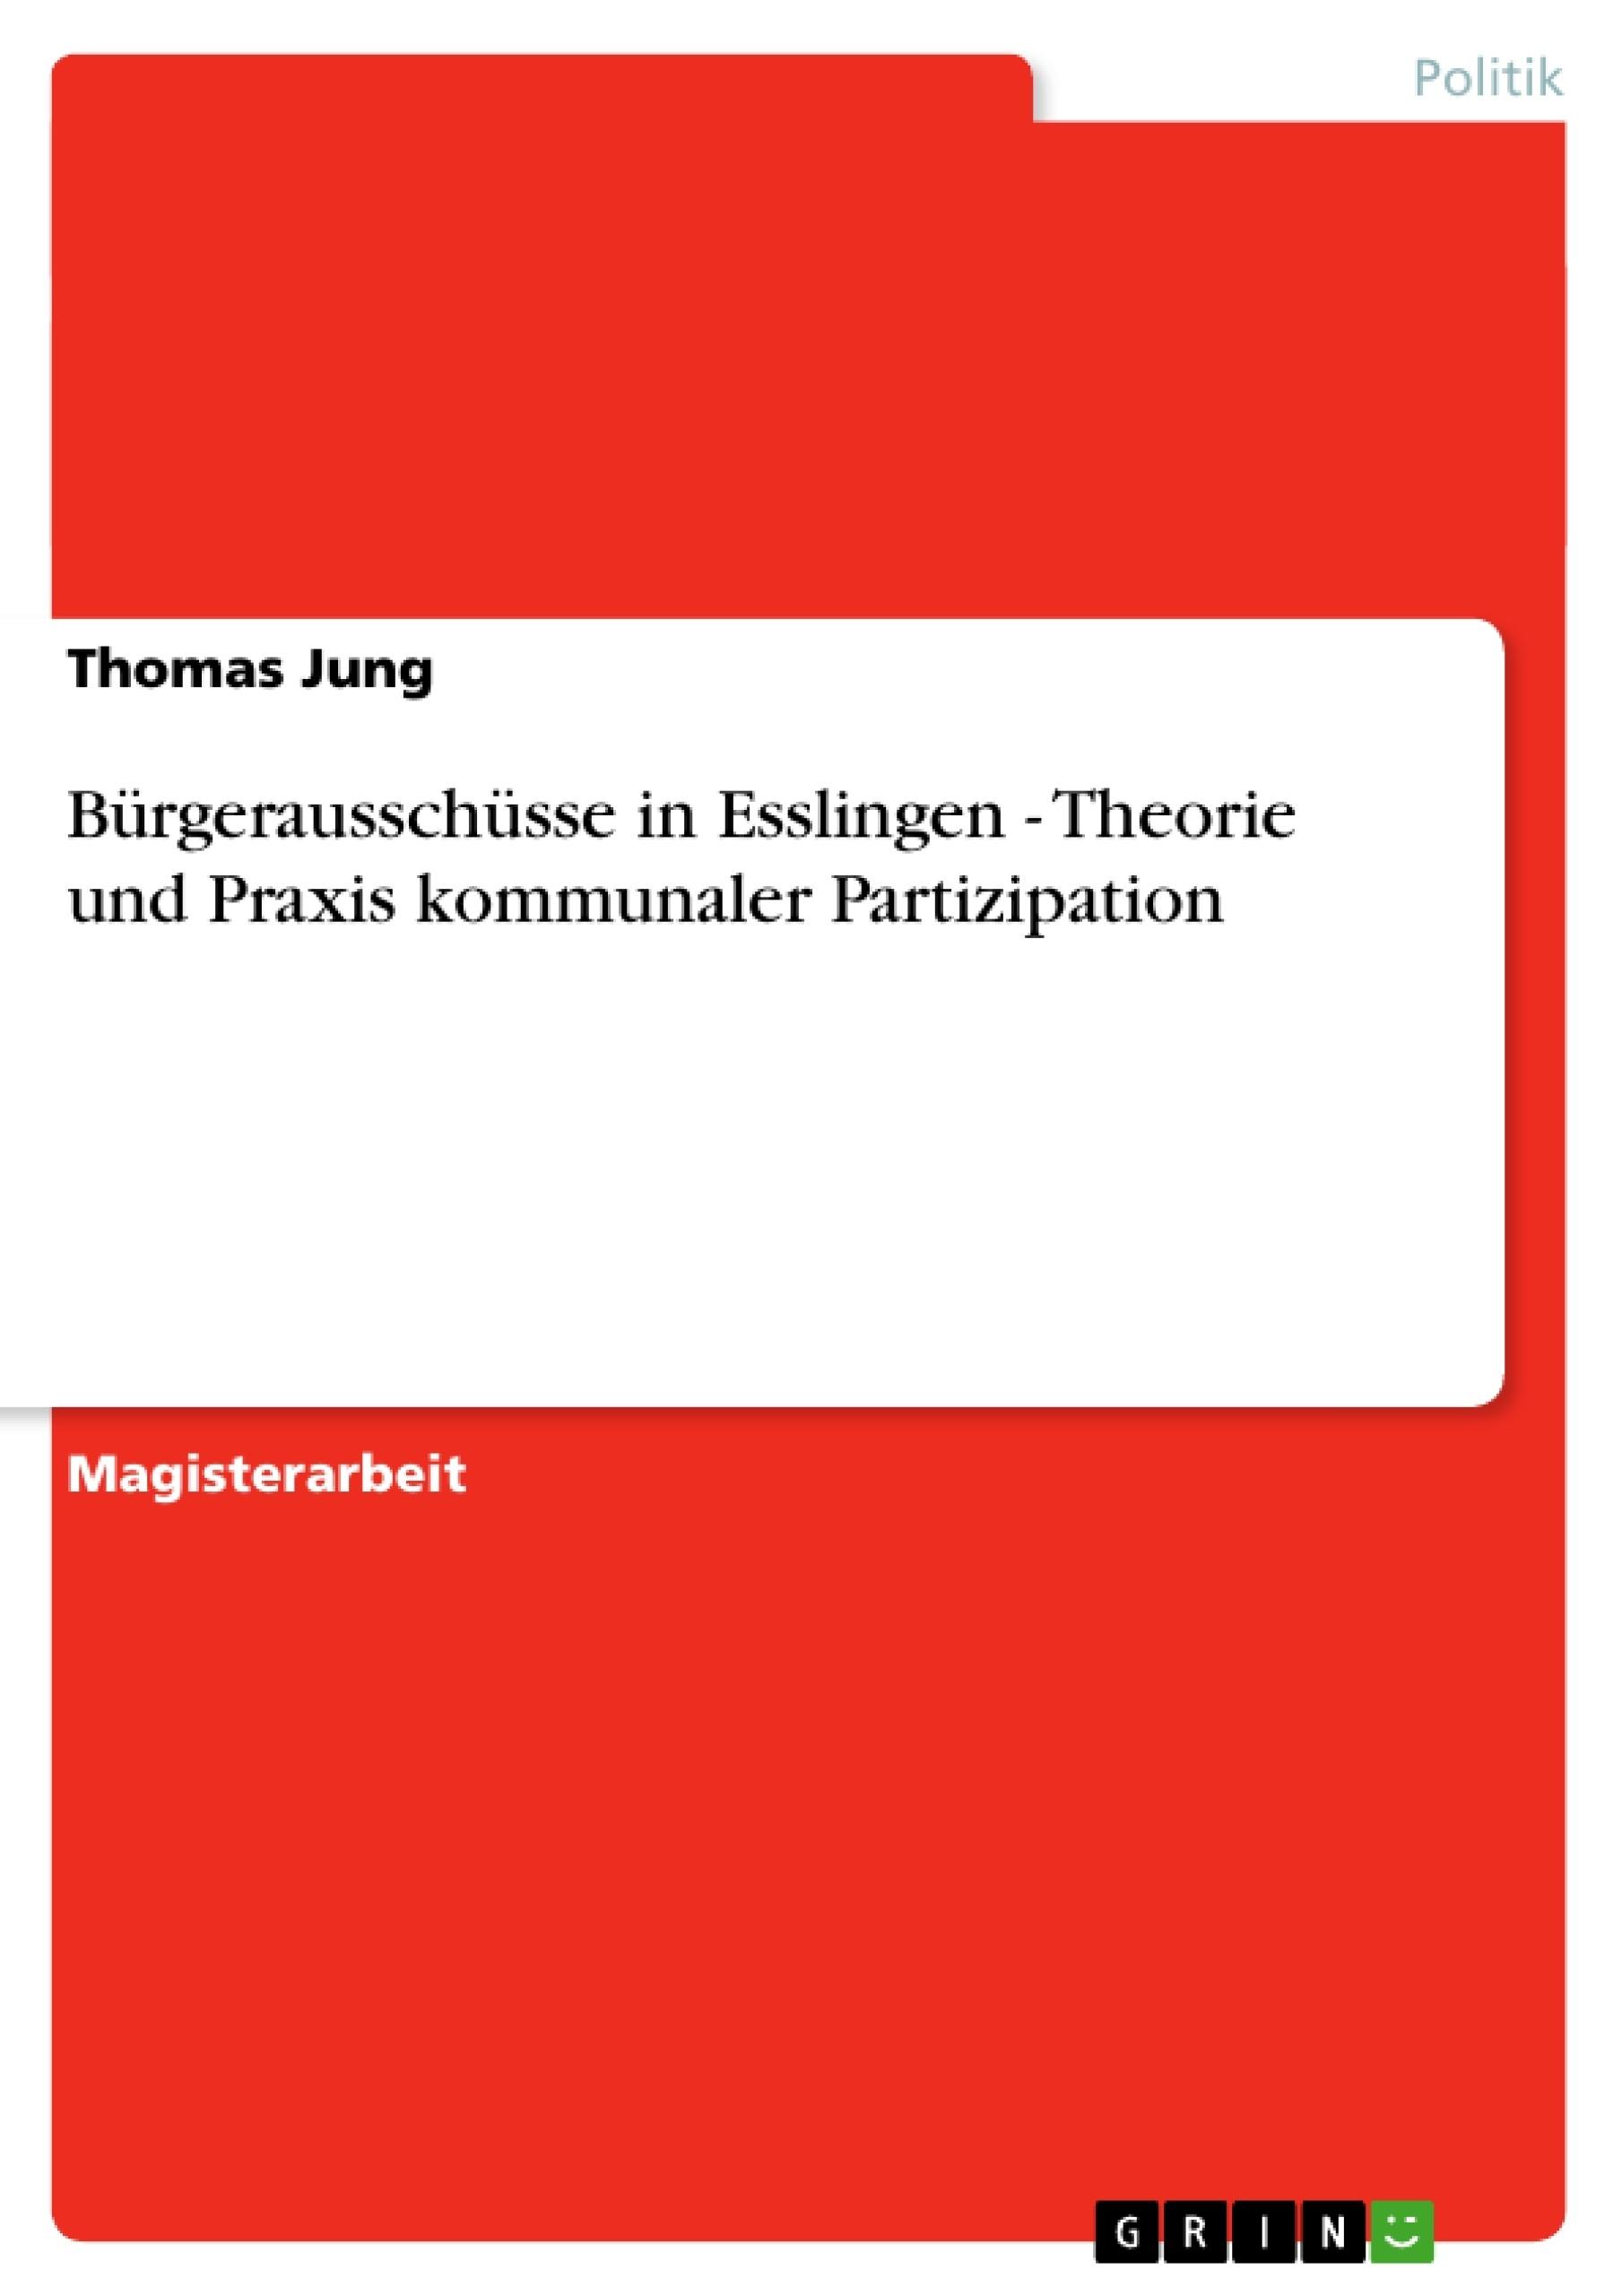 Titel: Bürgerausschüsse in Esslingen - Theorie und Praxis kommunaler Partizipation